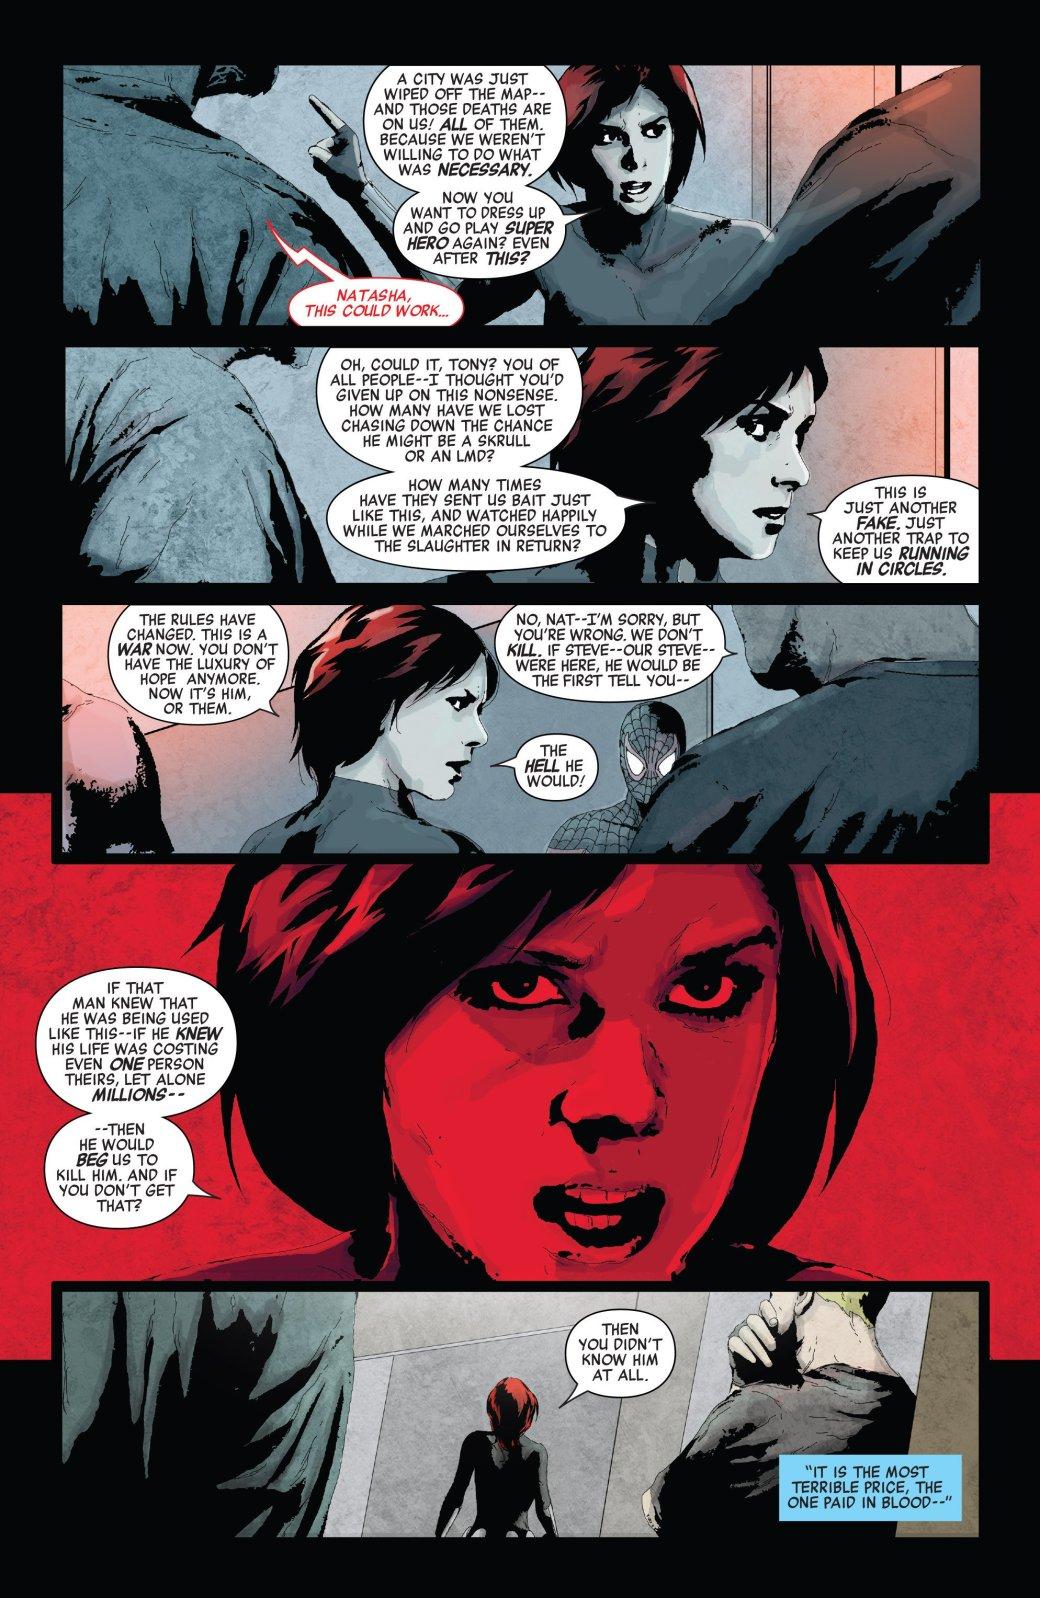 Secret Empire: Гидра сломала супергероев, и теперь они готовы убивать   Канобу - Изображение 8